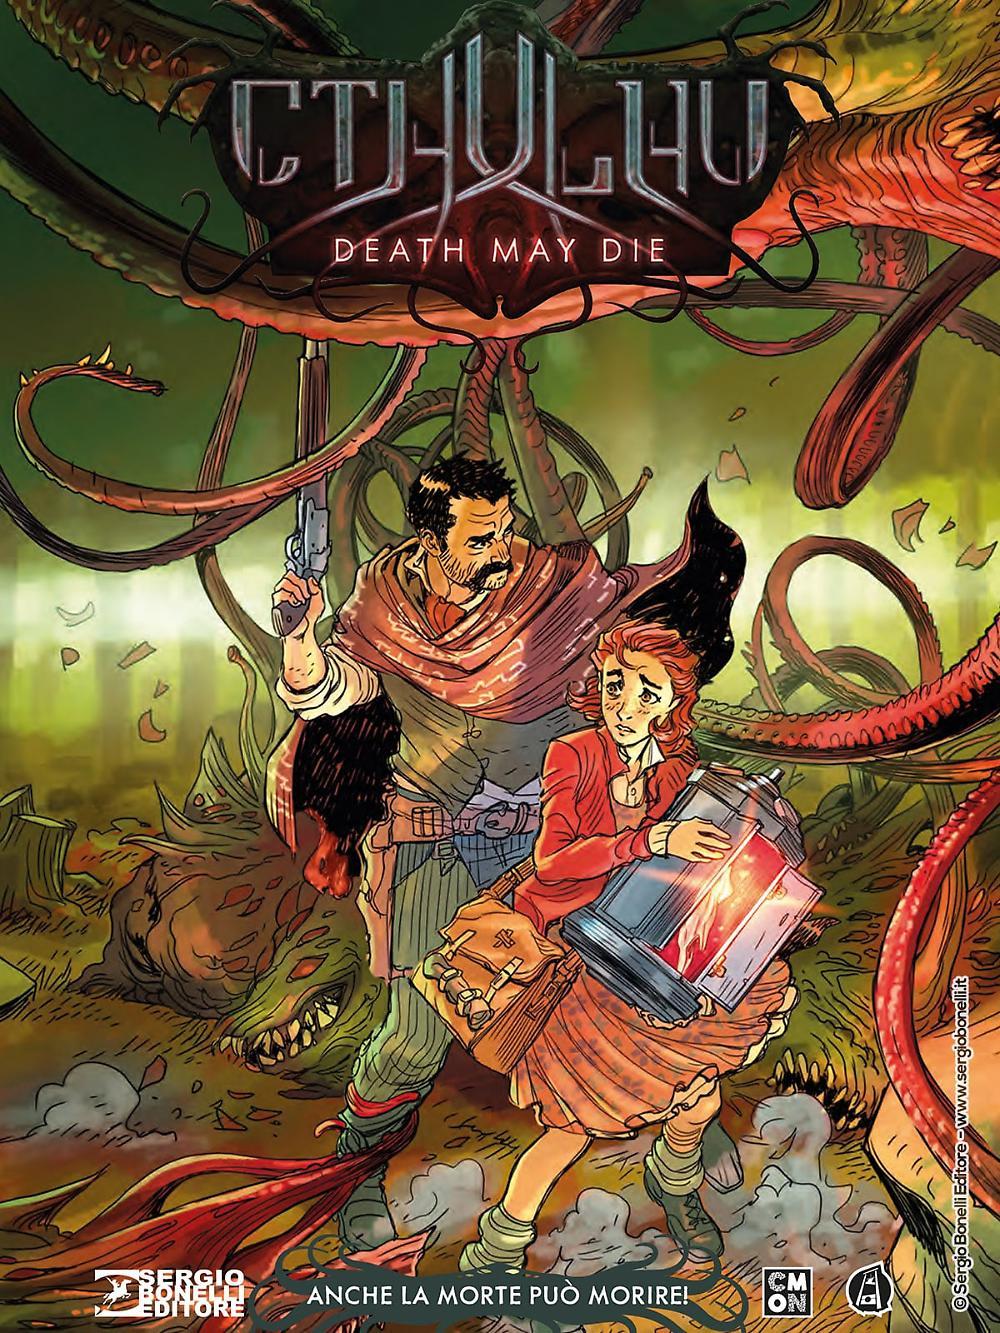 Cthulhu-Death May Die